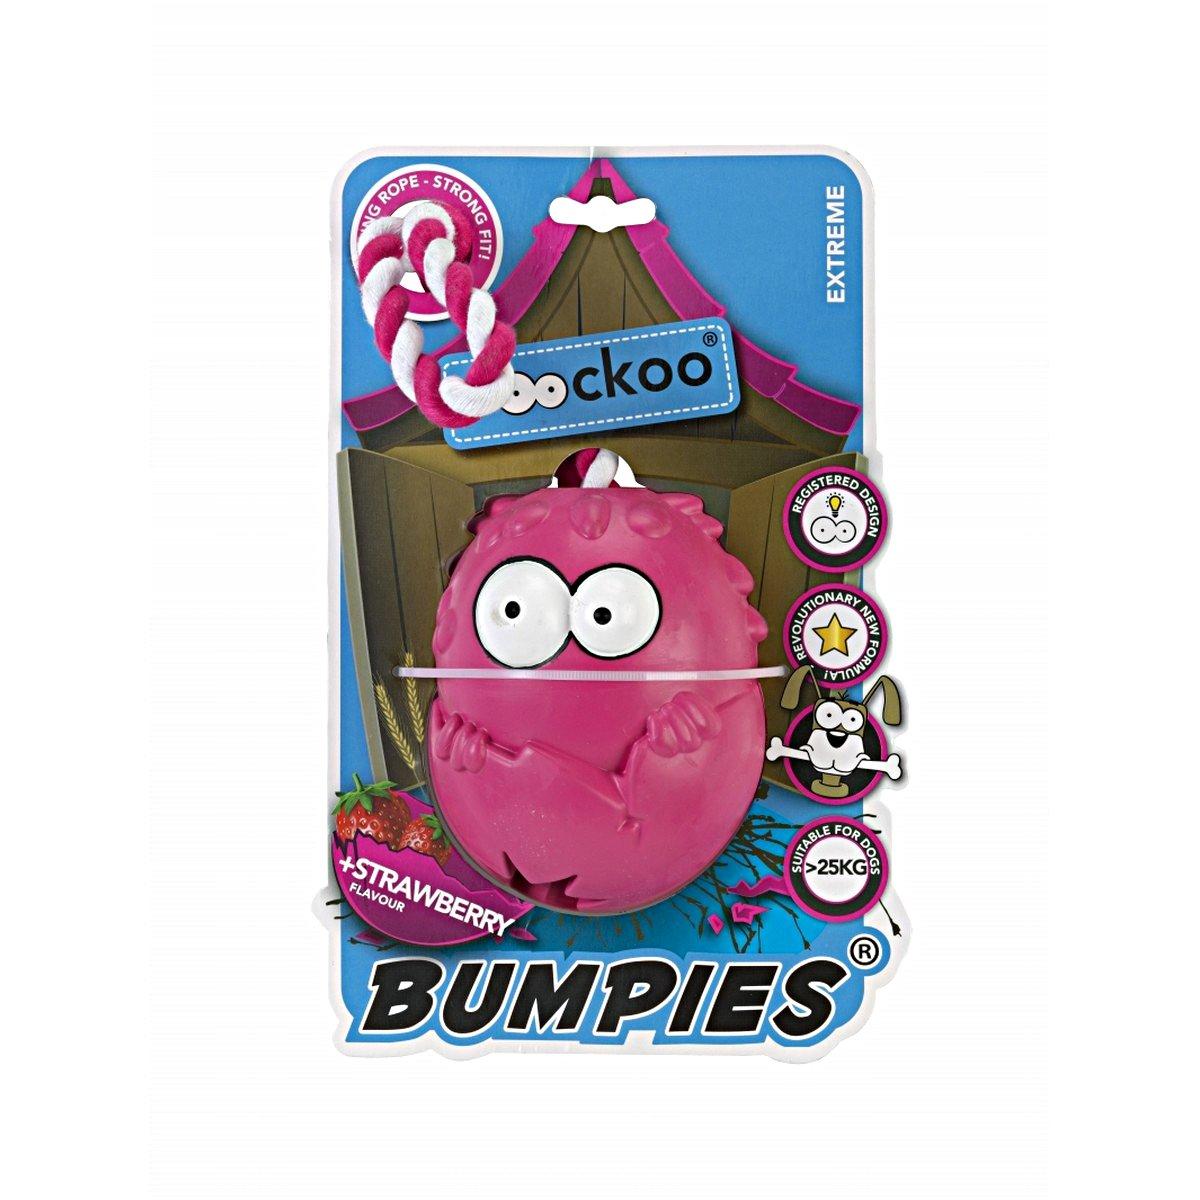 Afbeelding van Coockoo Bumpies With Rope Hot Pink Roze 11x8,7x7,5cm